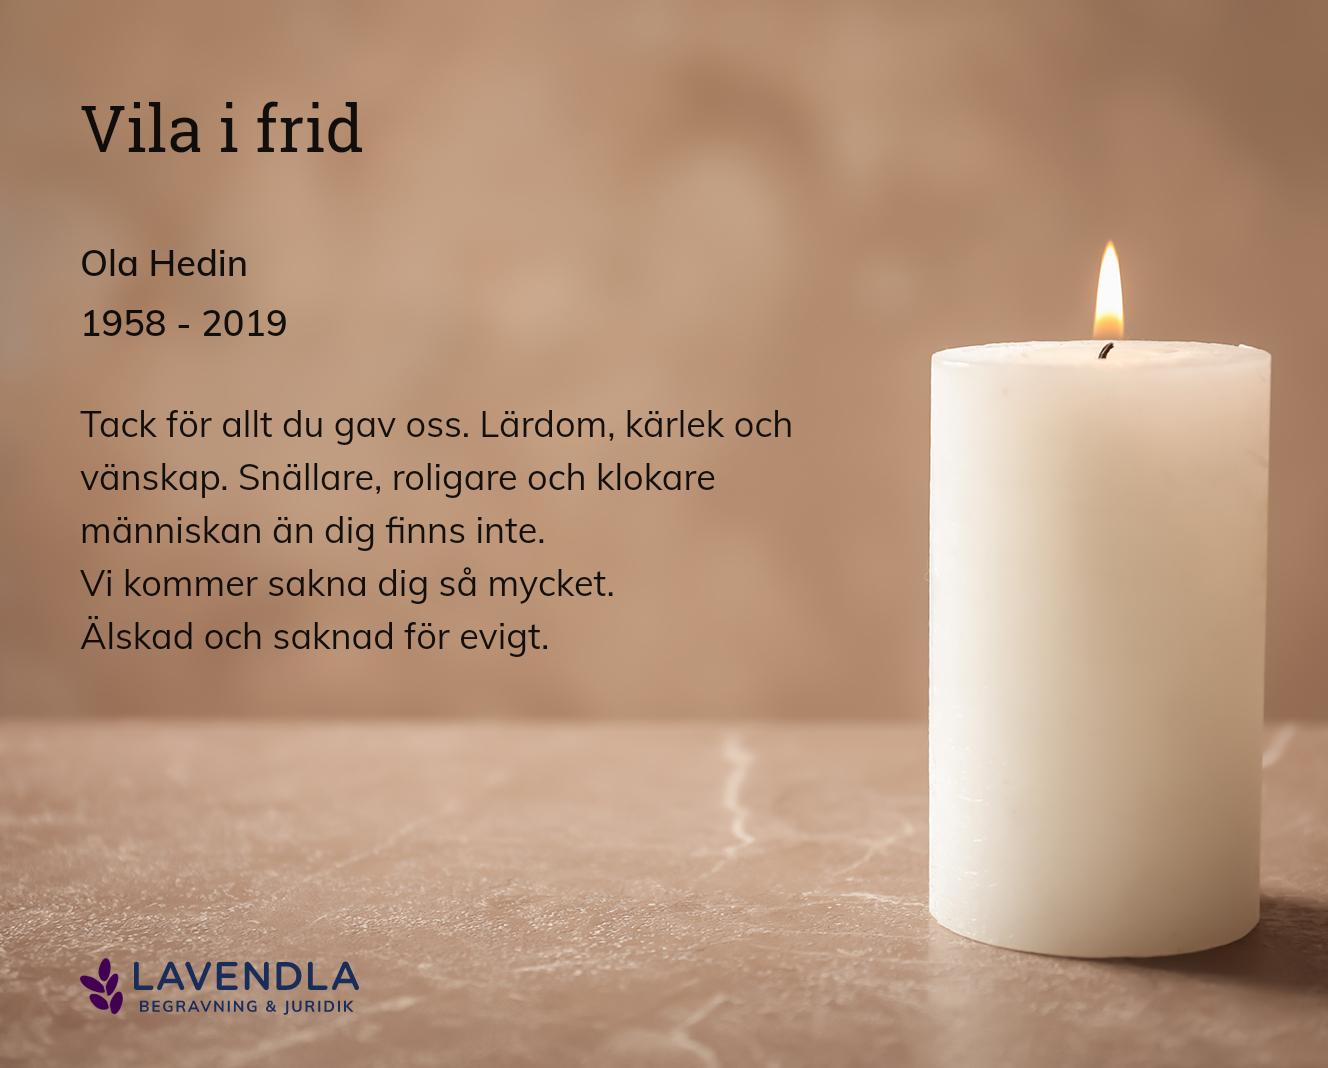 Inbjudningskort till ceremonin för Ola Hedin